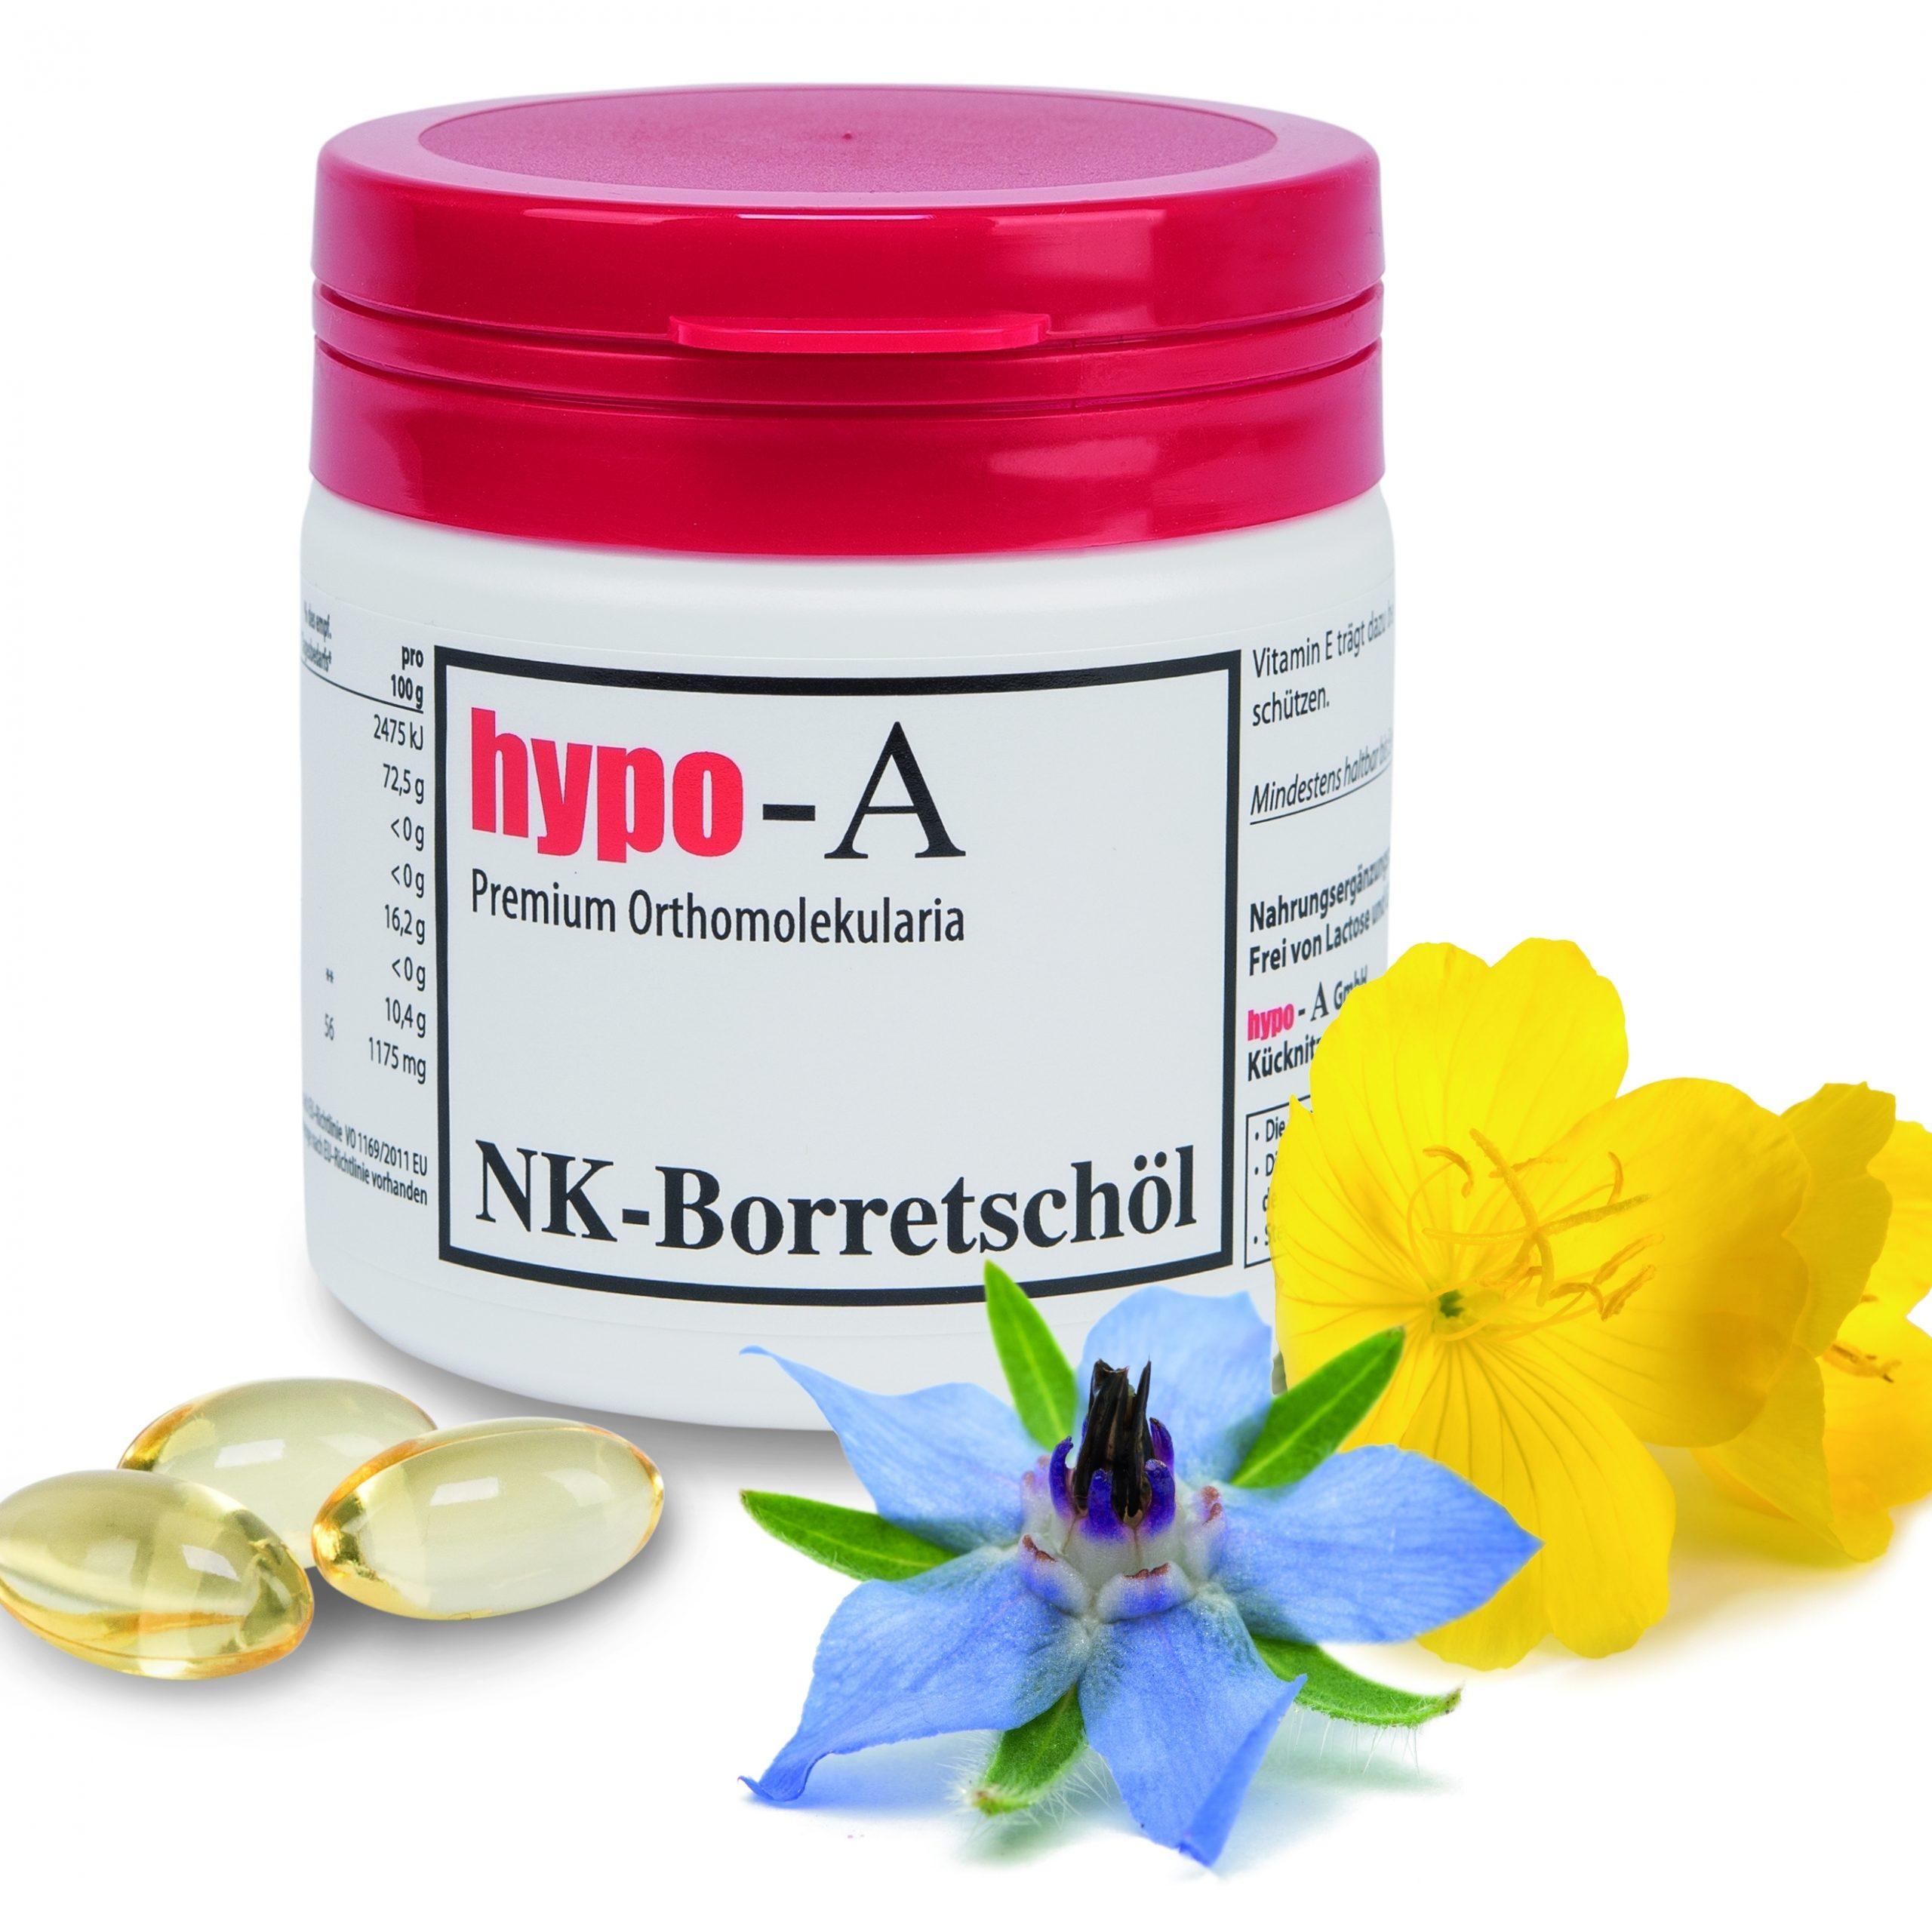 Wellness für gestresste Haut: NK-Borretschöl-Kapseln von hypo-A tragen zur Hautgesundheit bei